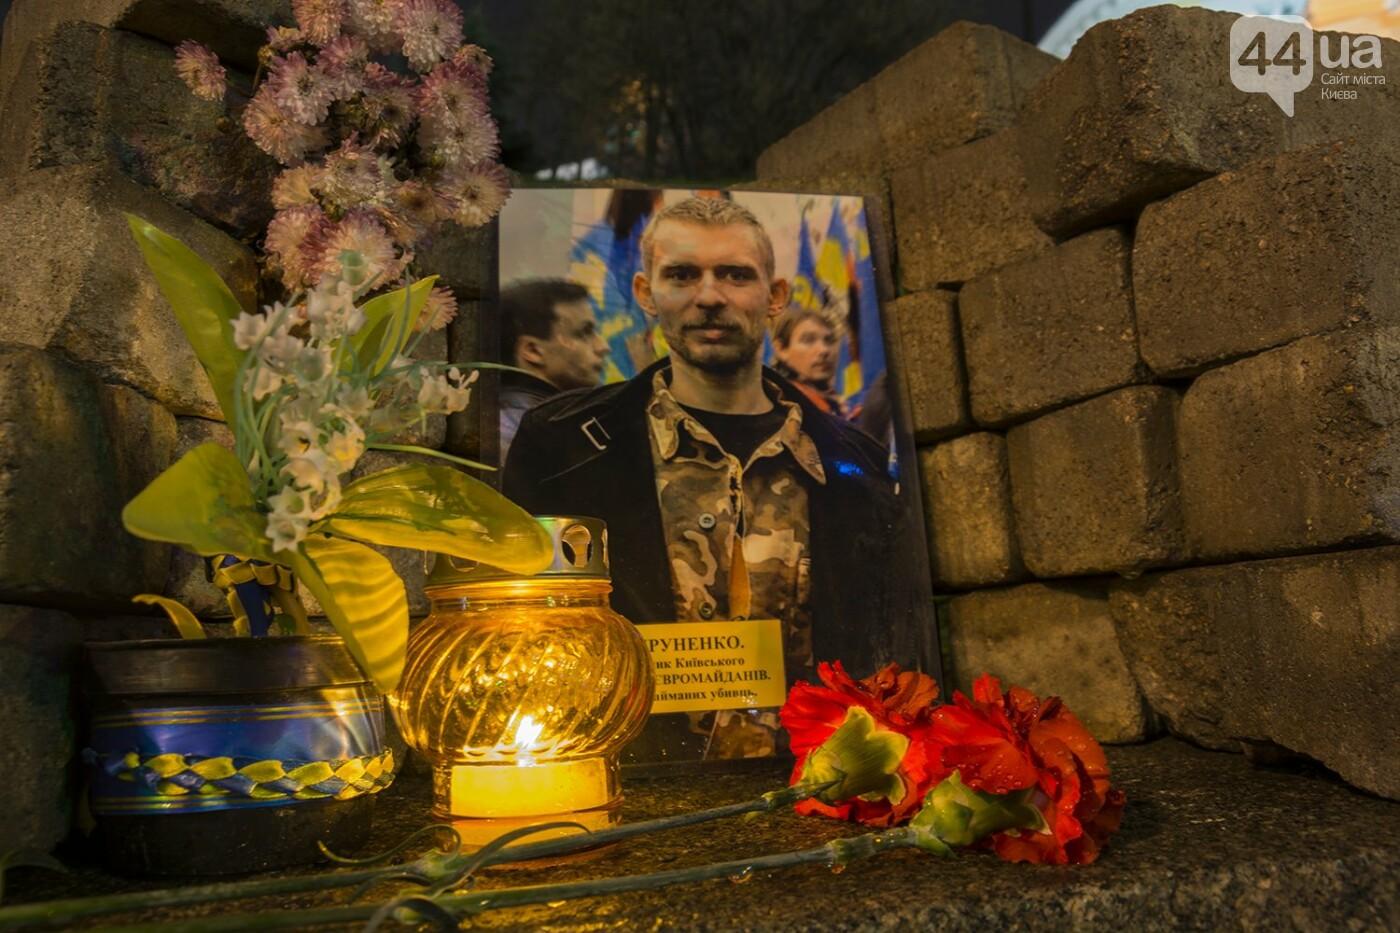 Годовщина Евромайдана: в Киеве зажгли Лучи достоинства, фото-22